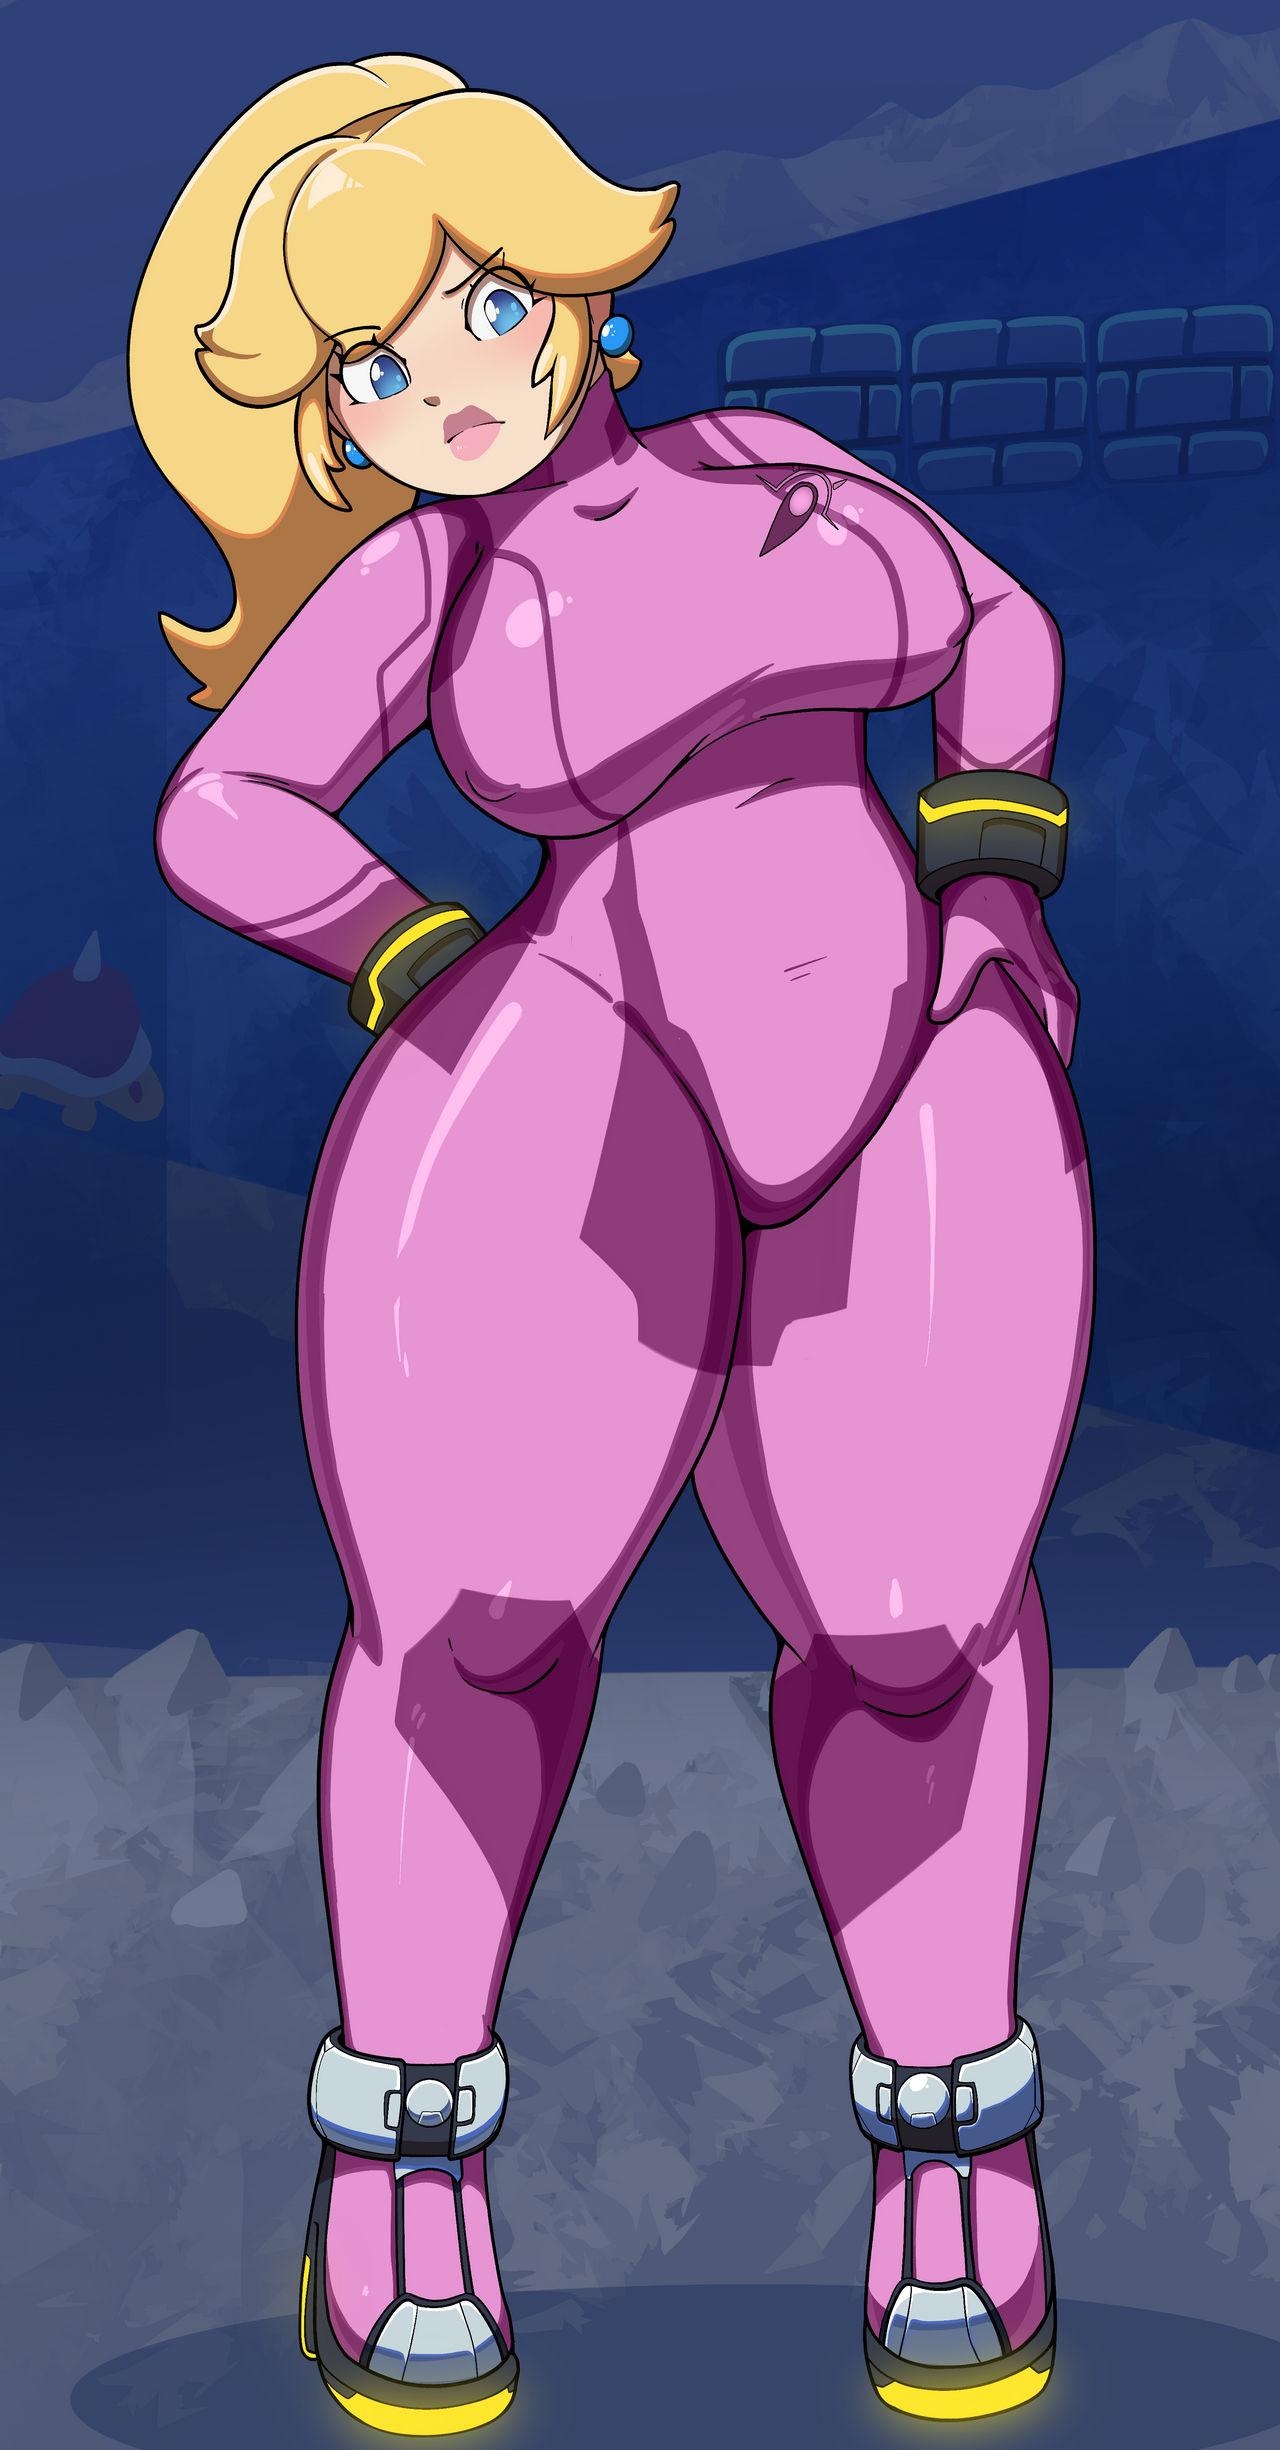 Zero Suit Peach